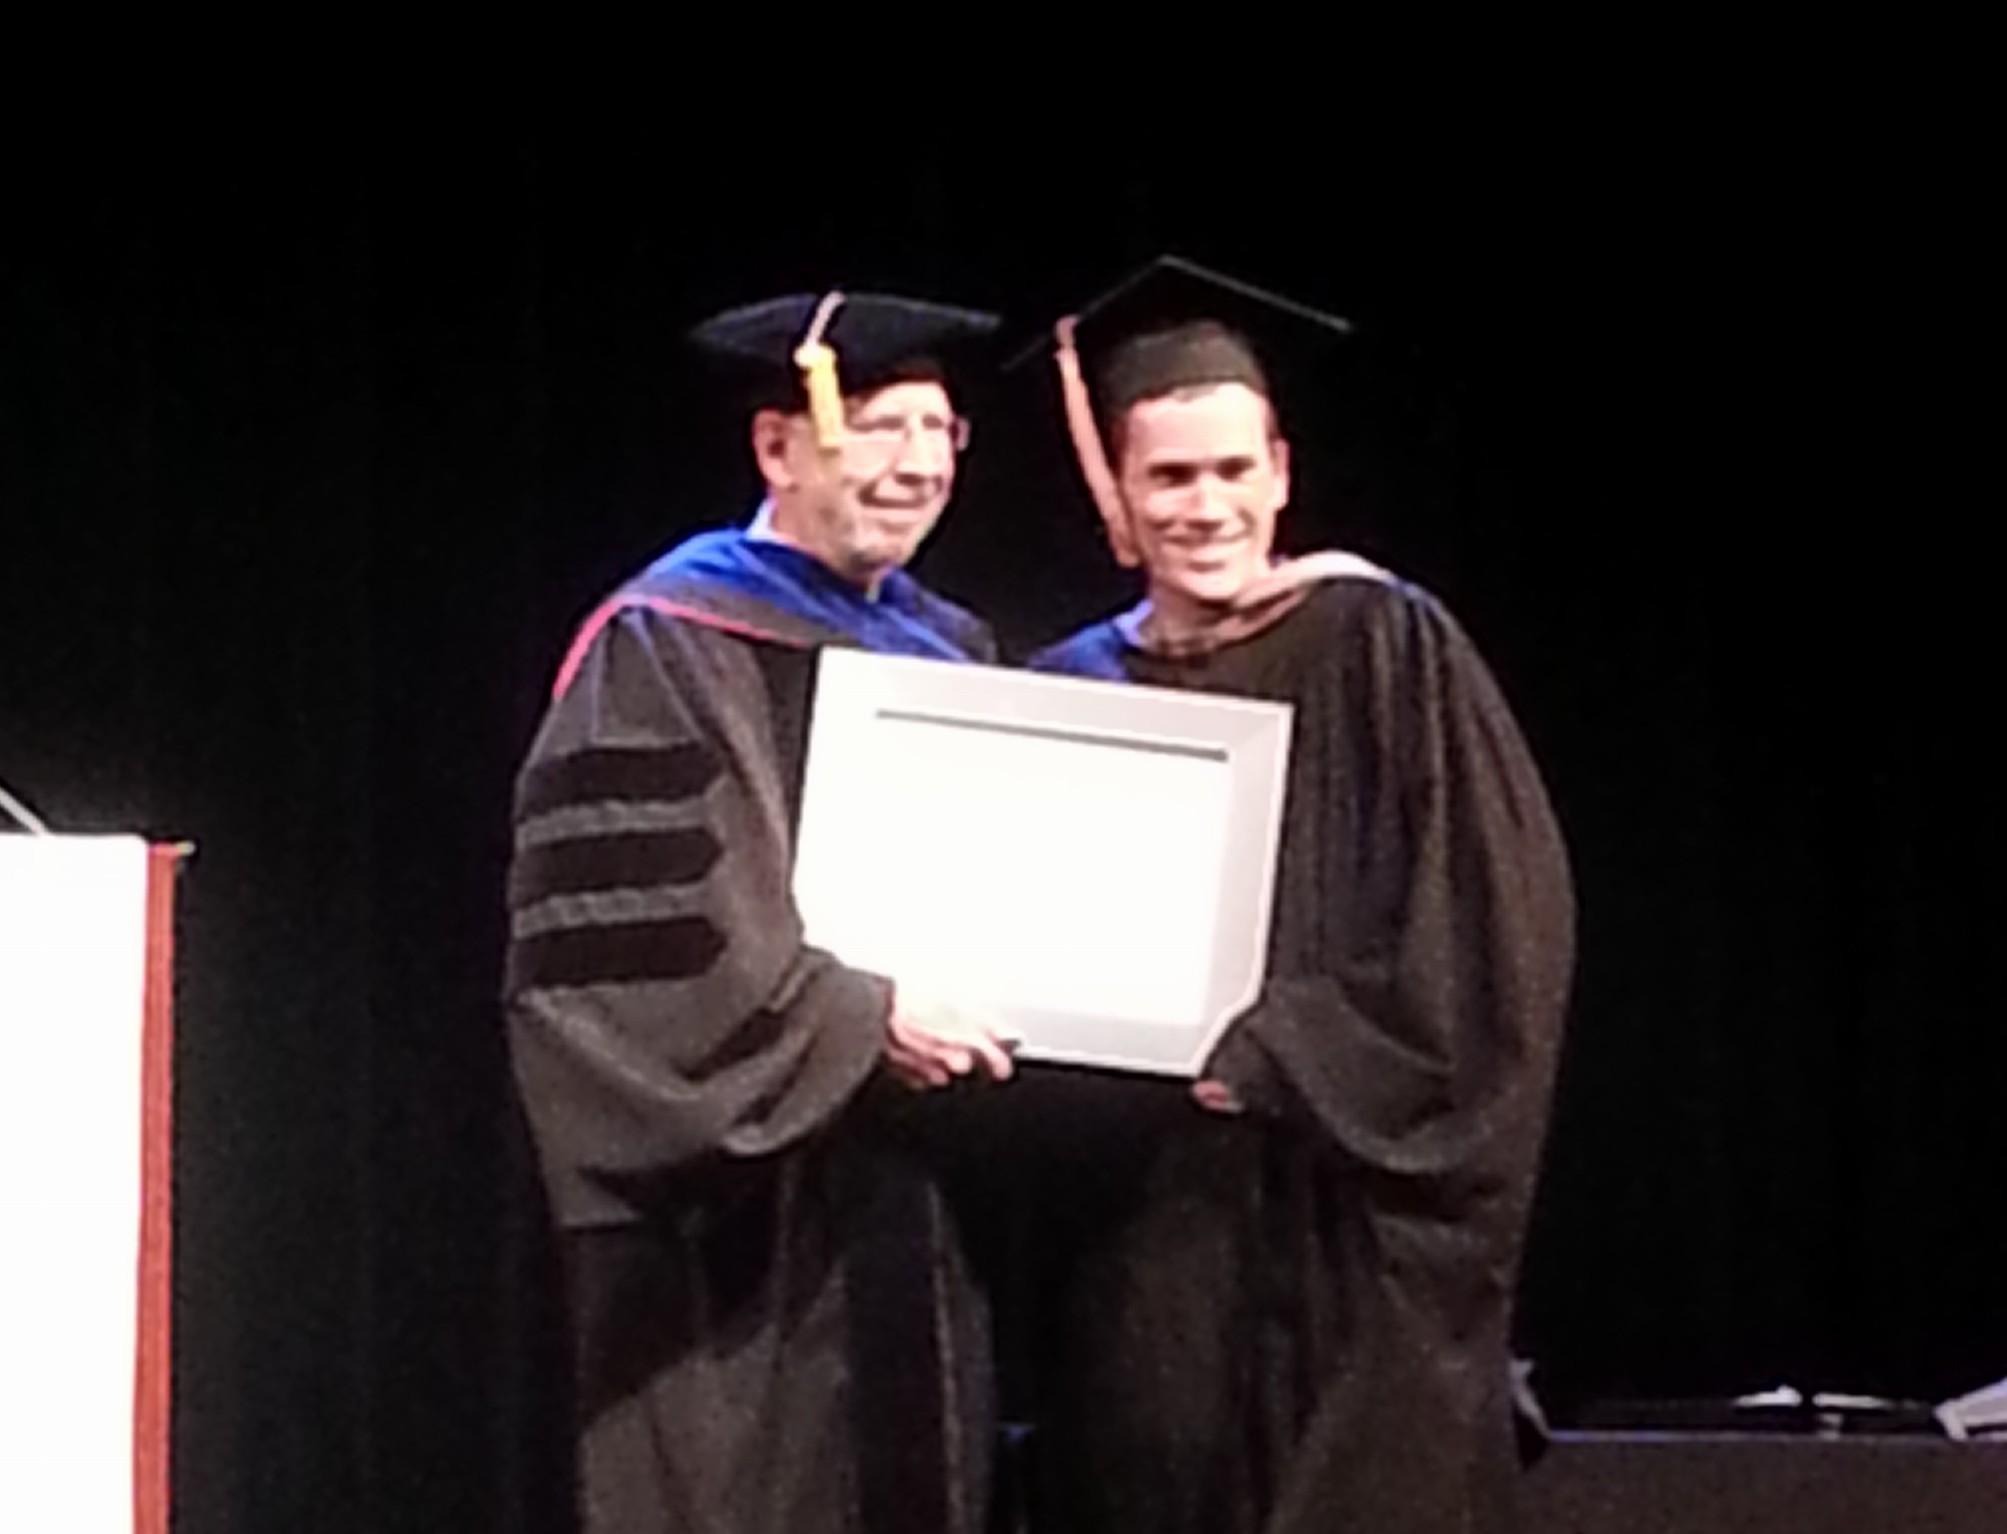 allyn graduating